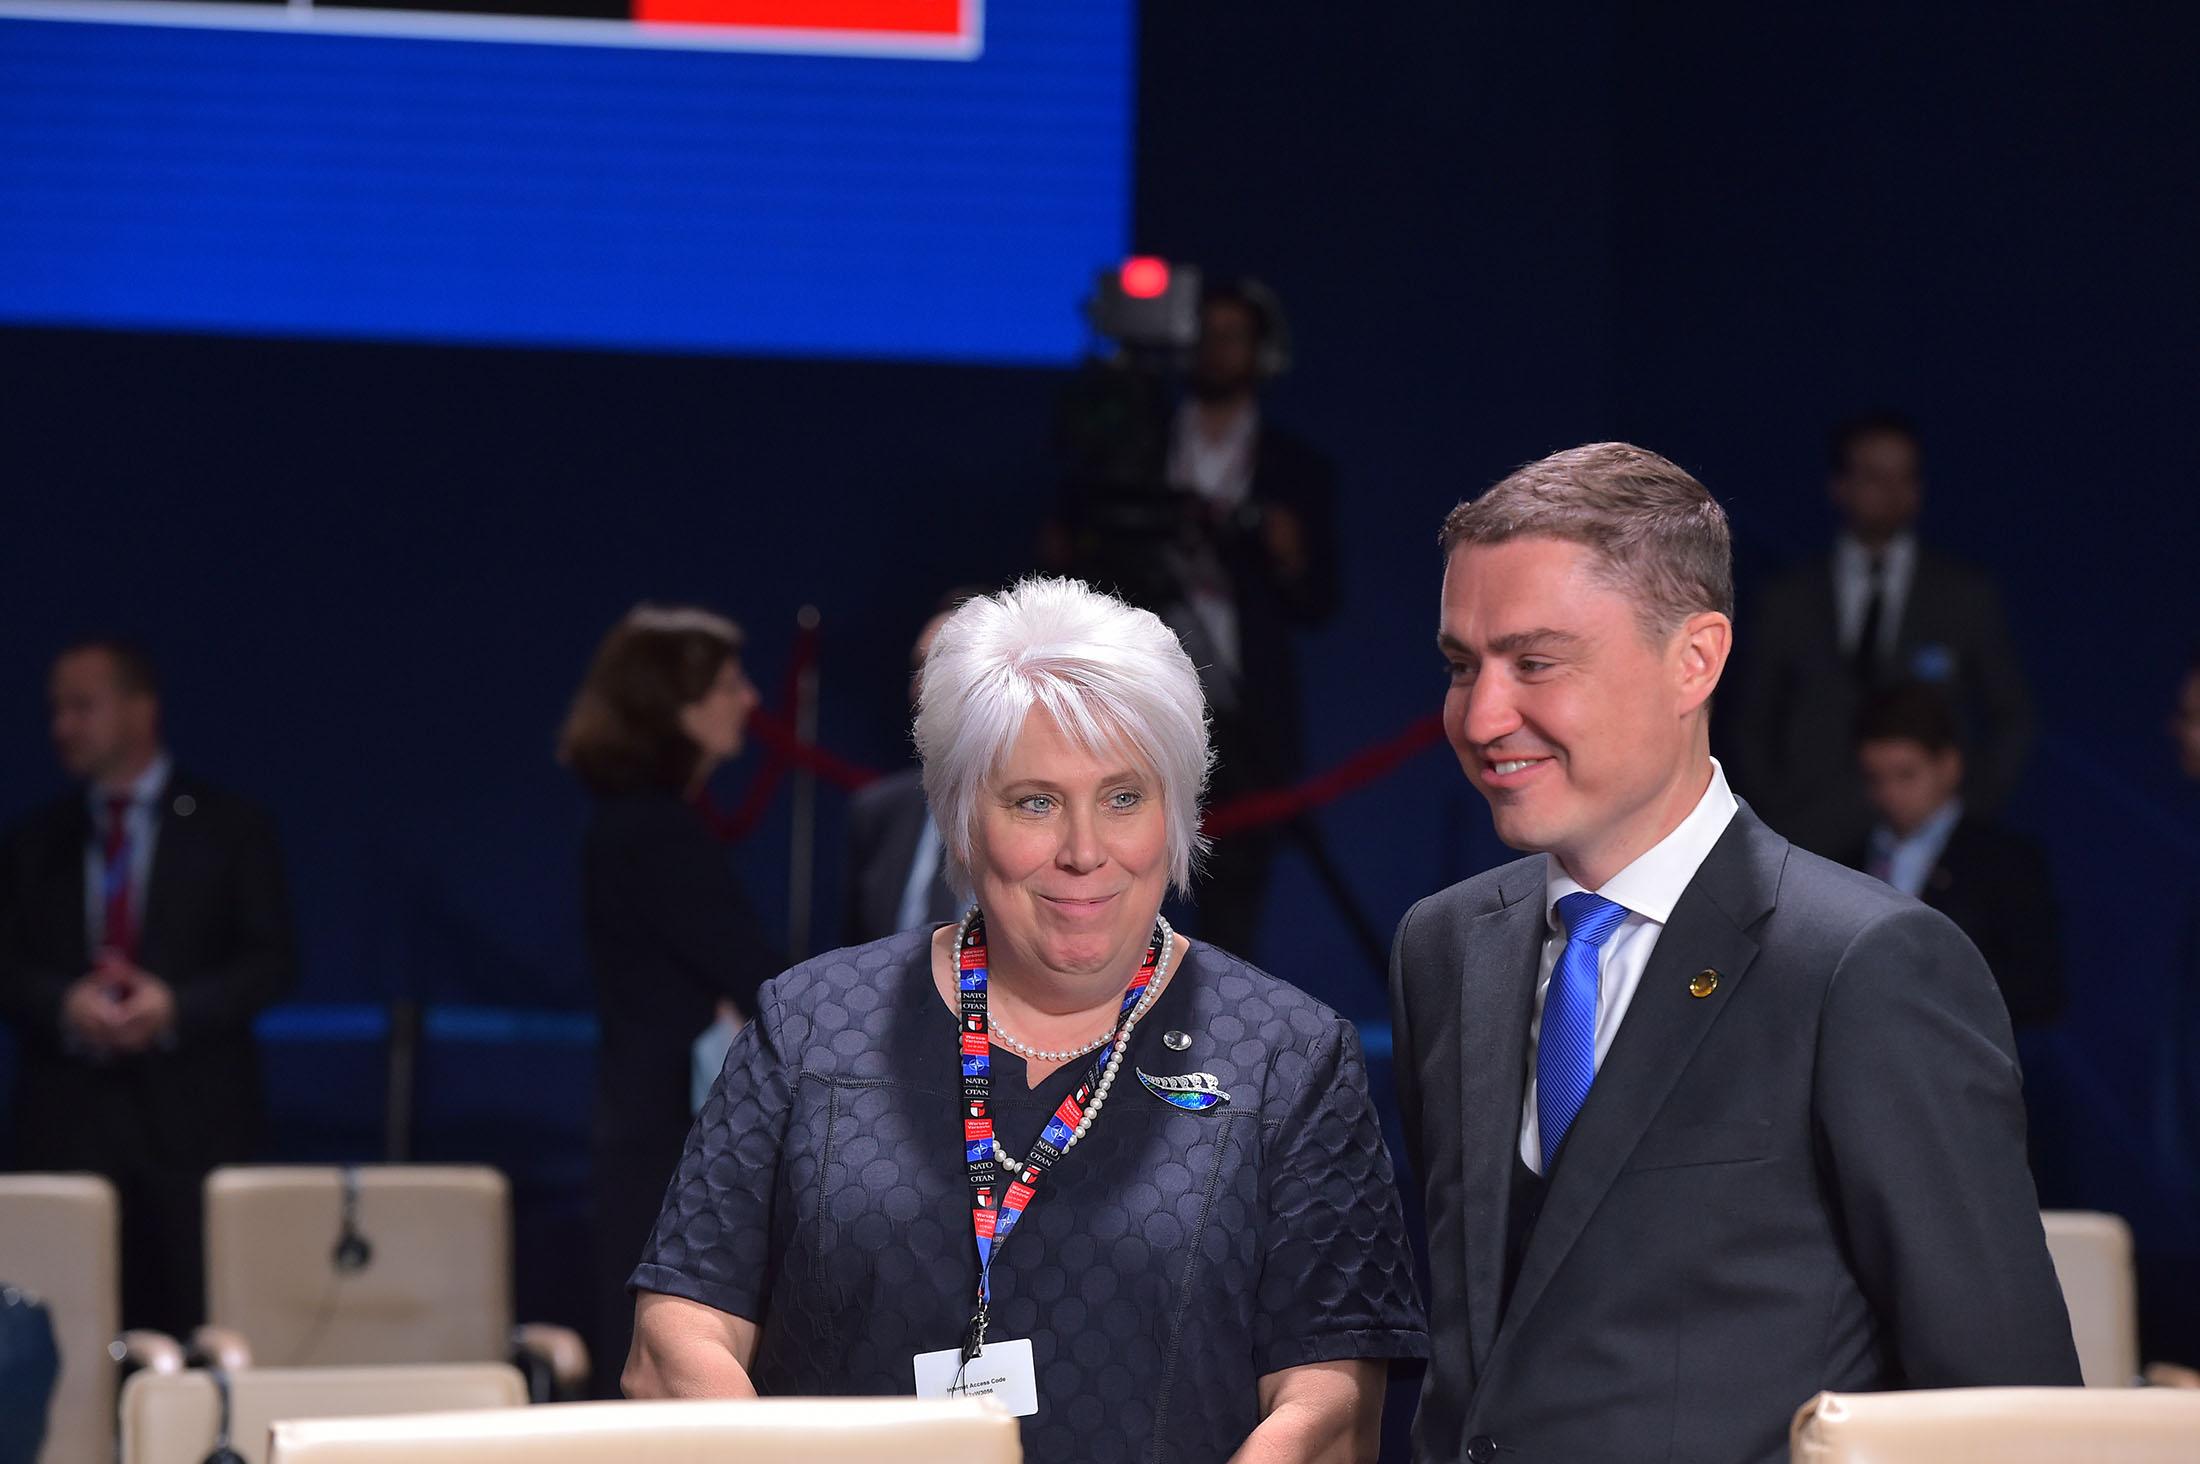 NATO 17 #новости выборы-2021, Европарламент, Марина Кальюранд, Михаил Саакашвили